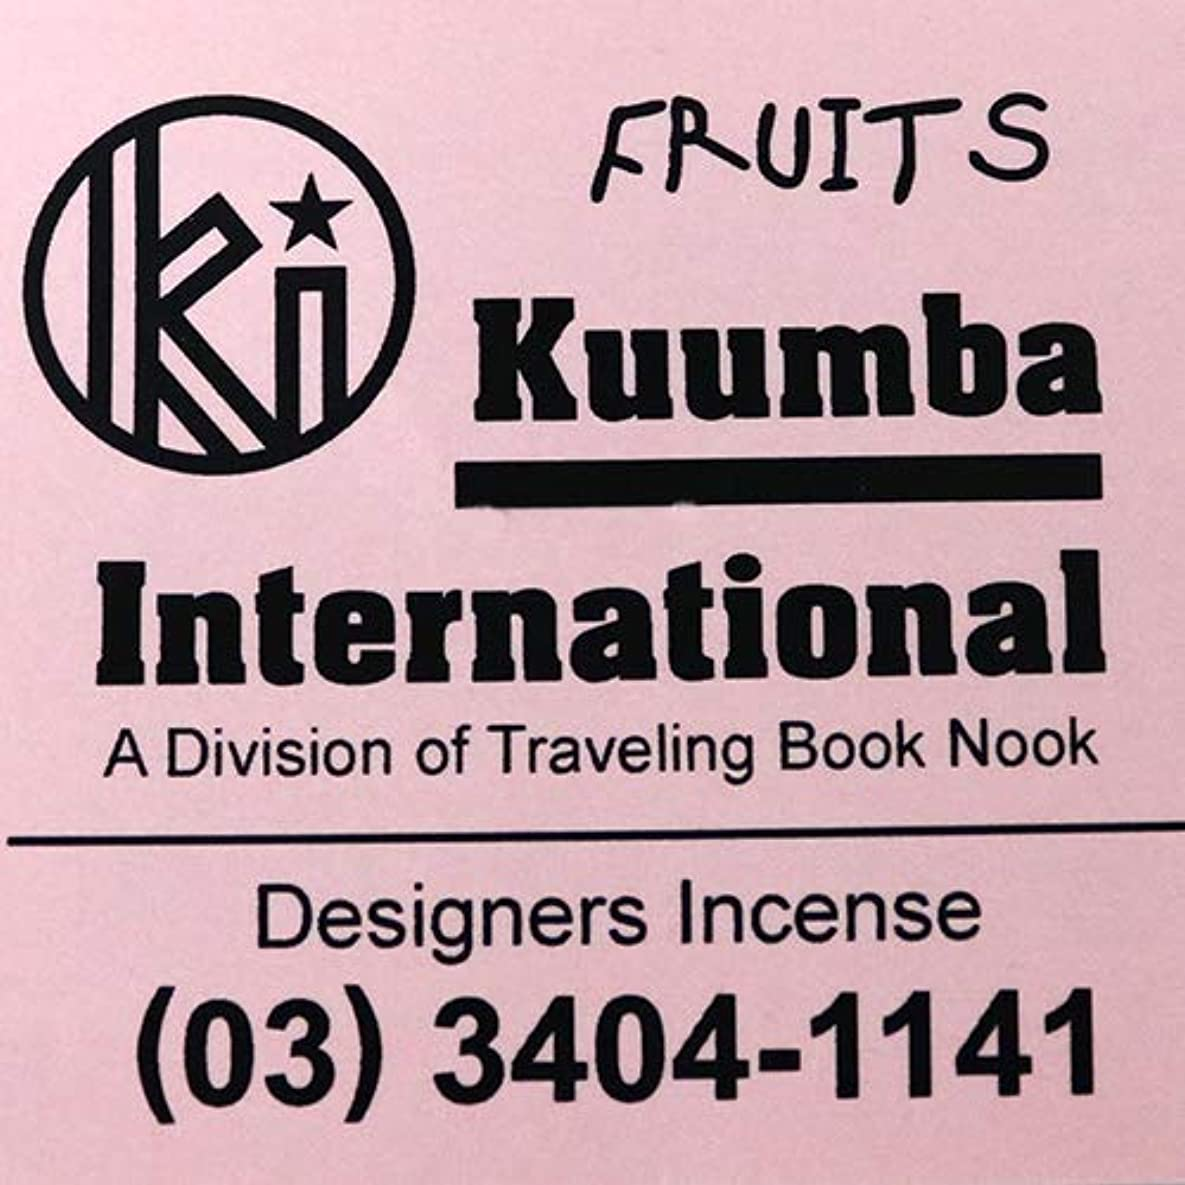 昼間ドロー脚本(クンバ) KUUMBA『incense』(FRUITS) (FRUITS, Regular size)